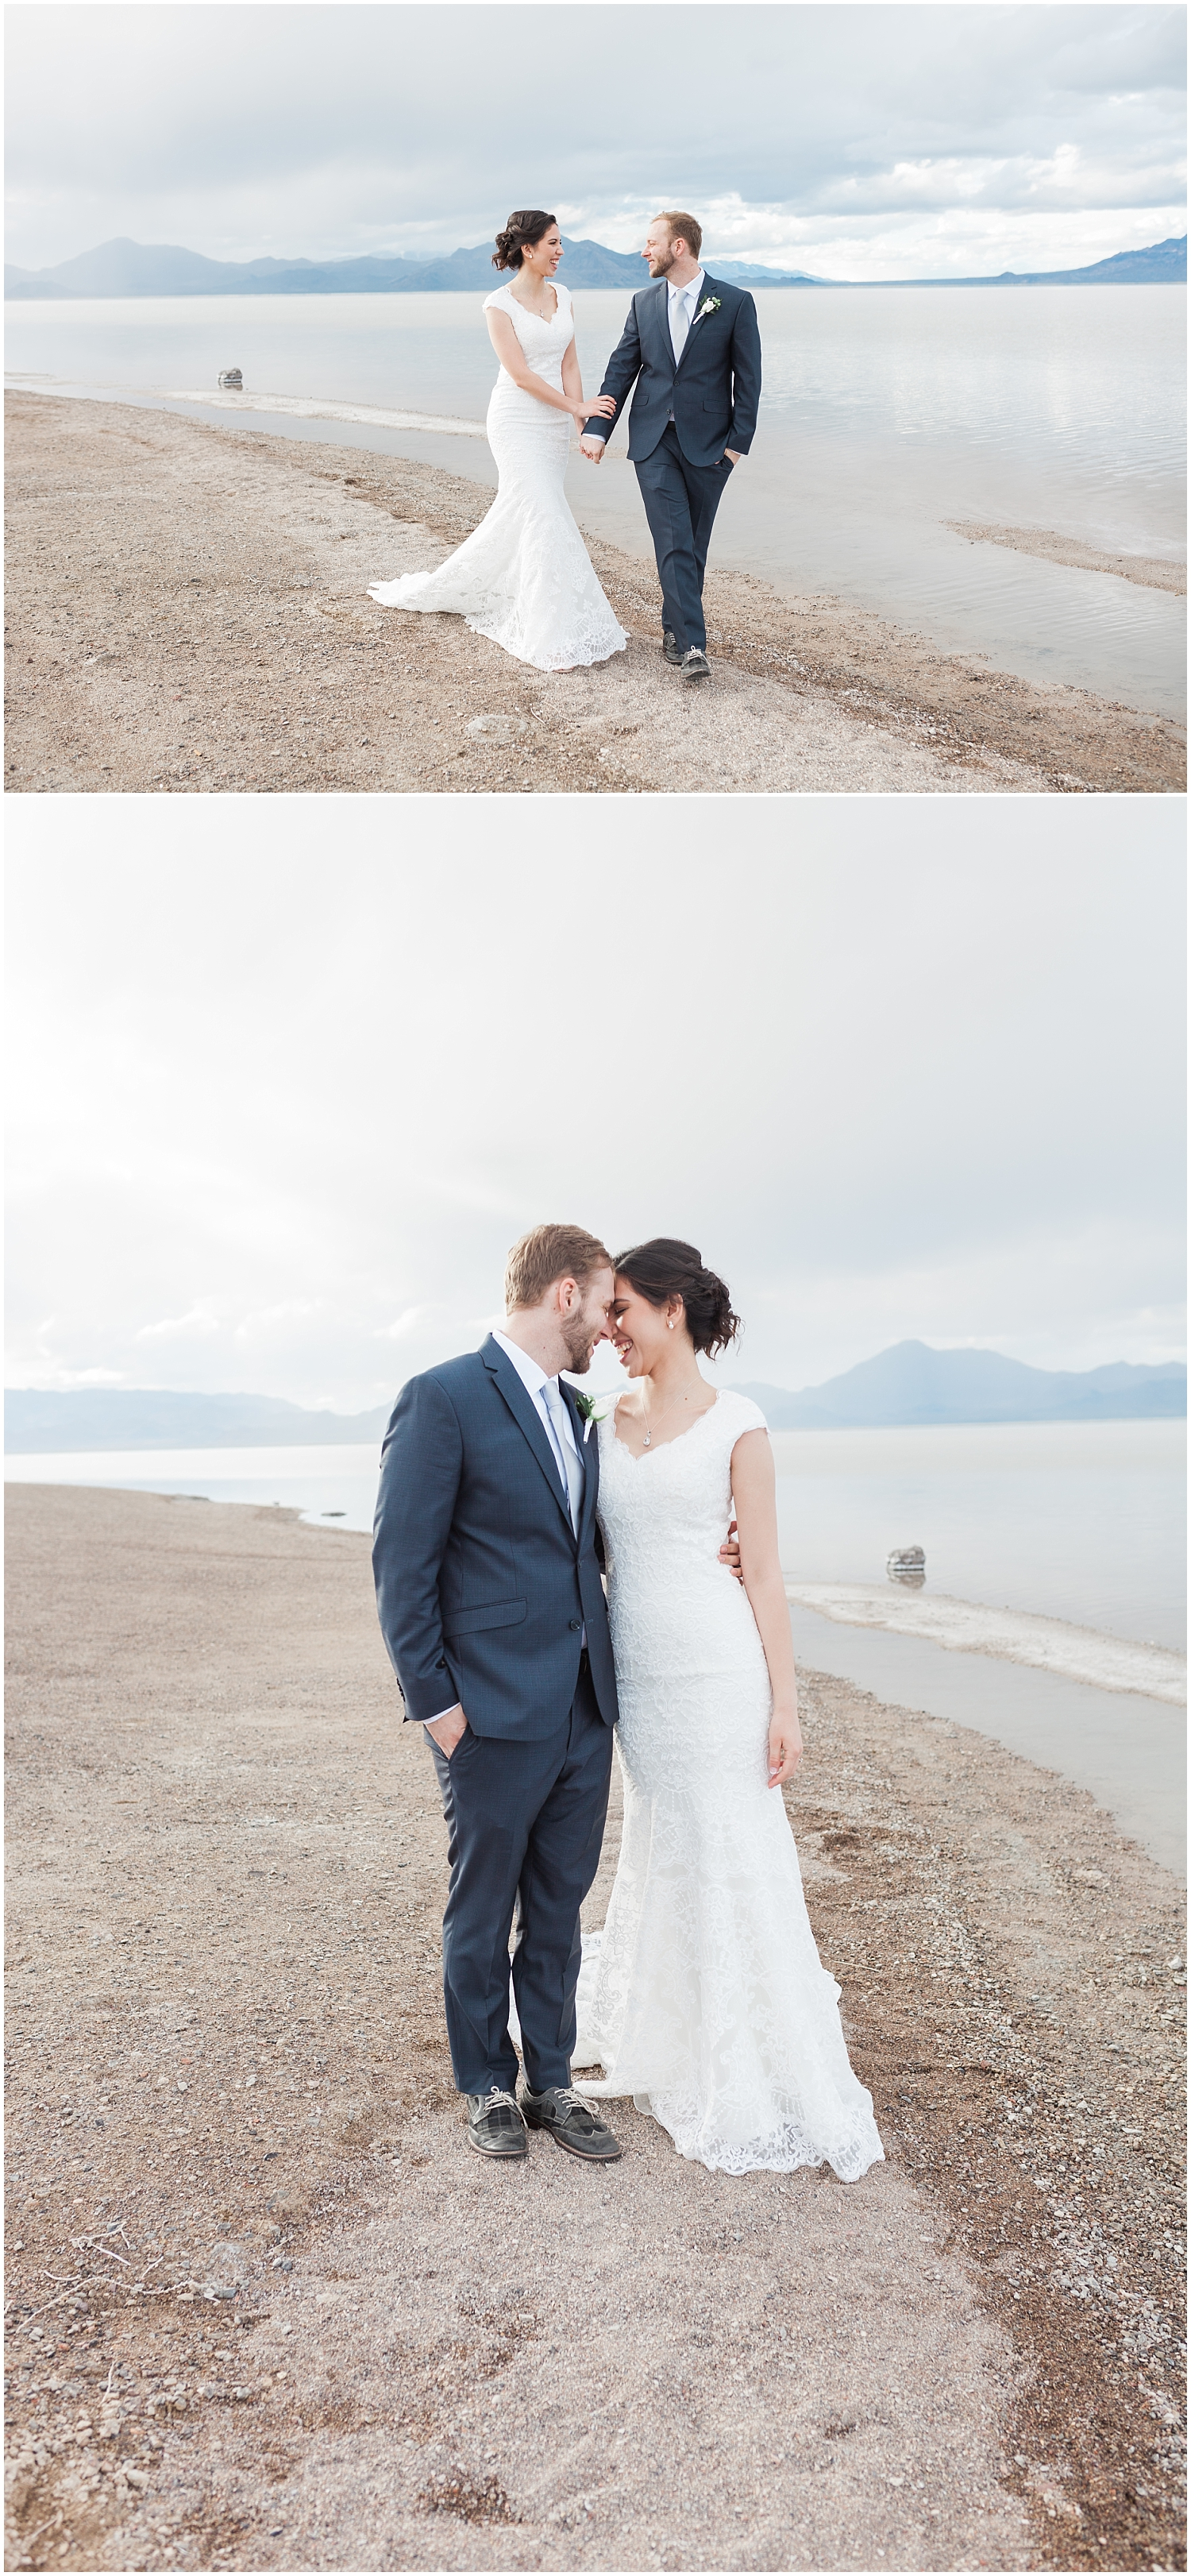 Bonneville Salt Flats Bridals-Ryan & Rachael-Rachel Reyes Photography_0148.jpg